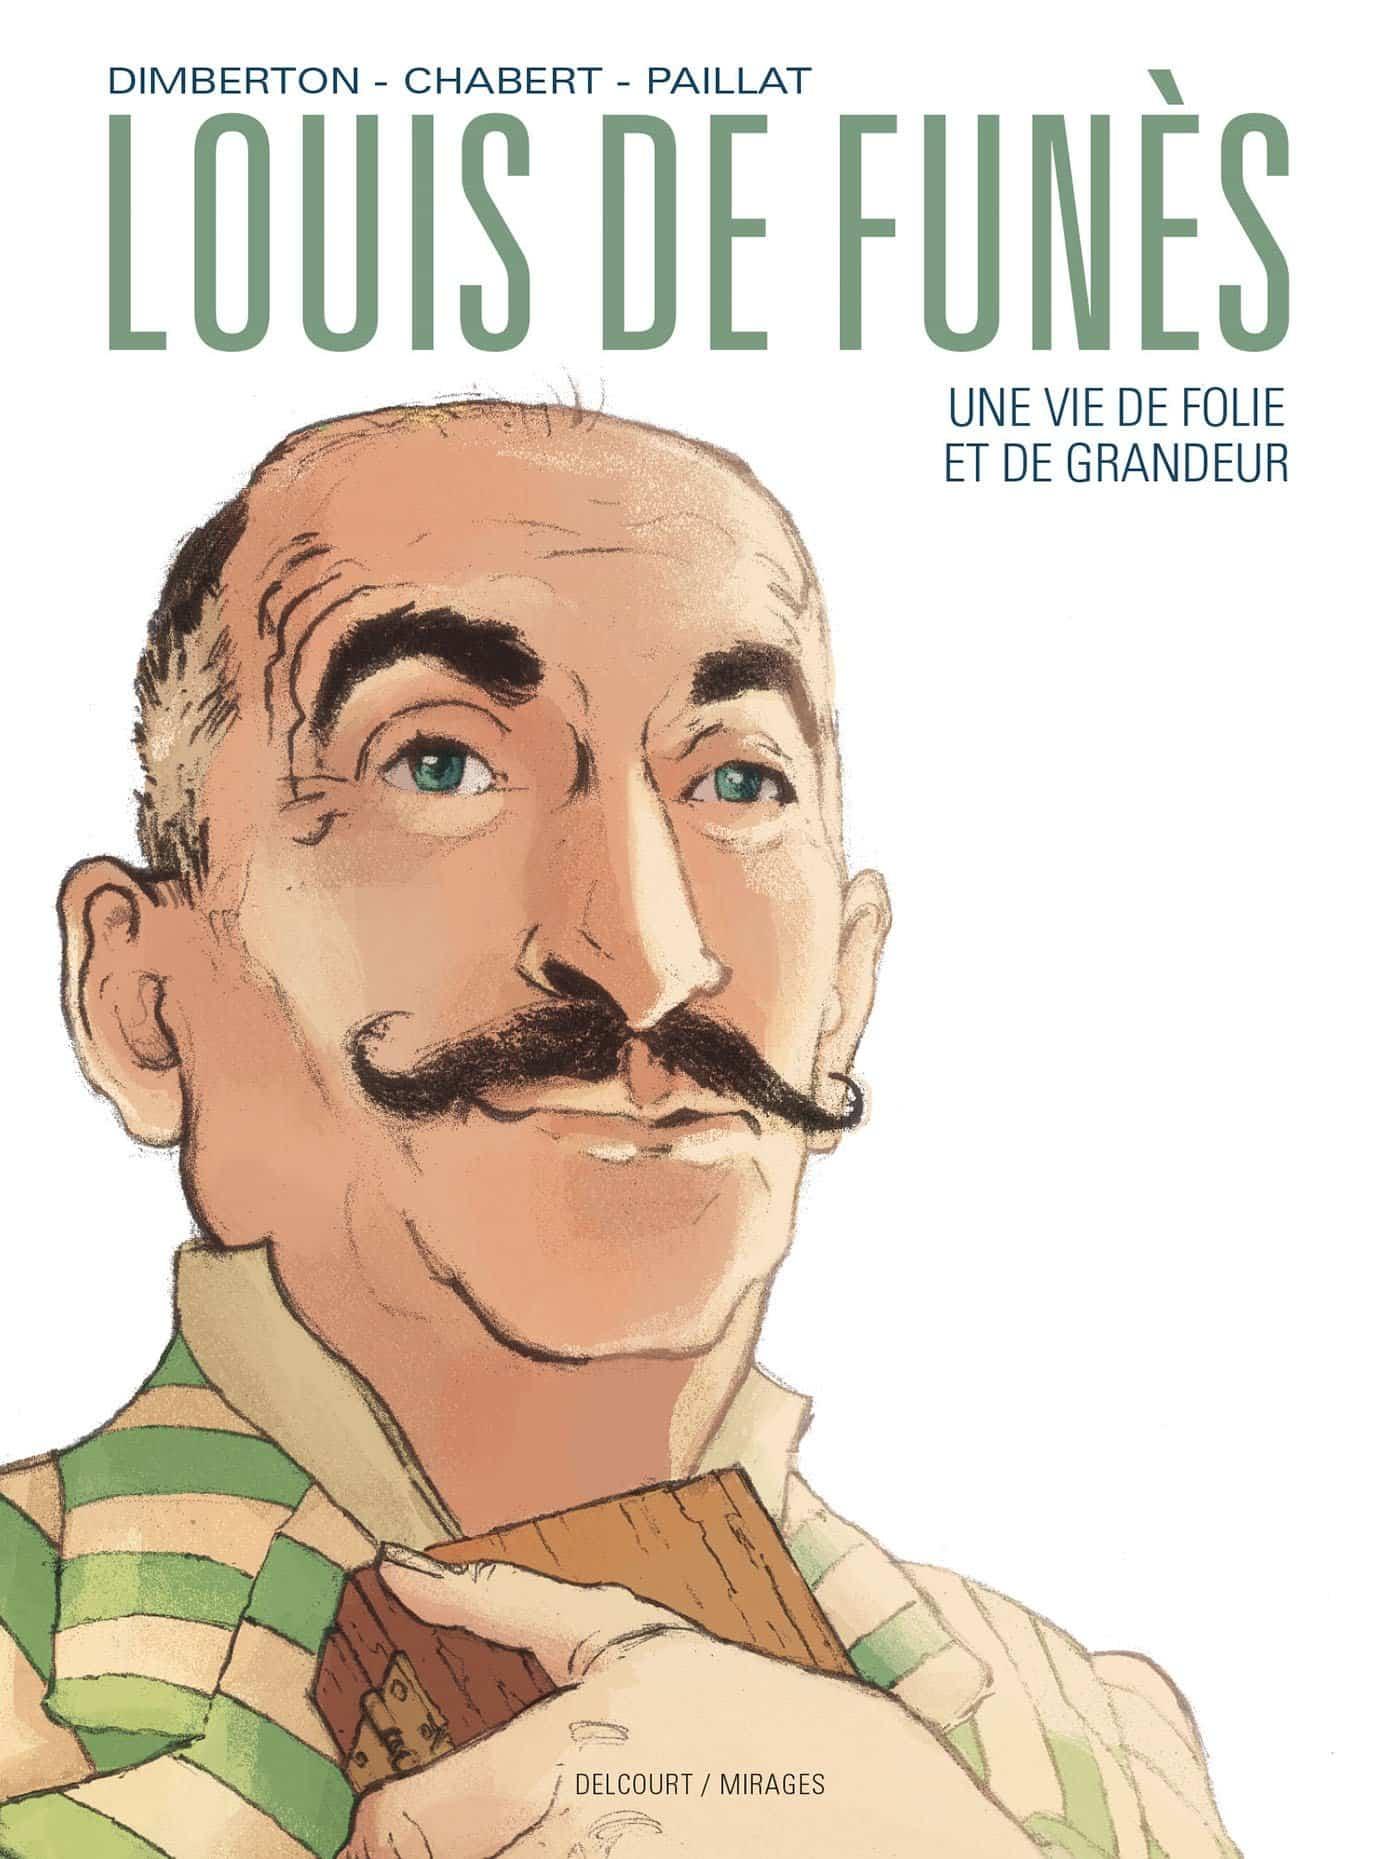 Interview : Louis de Funès, le talent d'un homme discret et angoissé